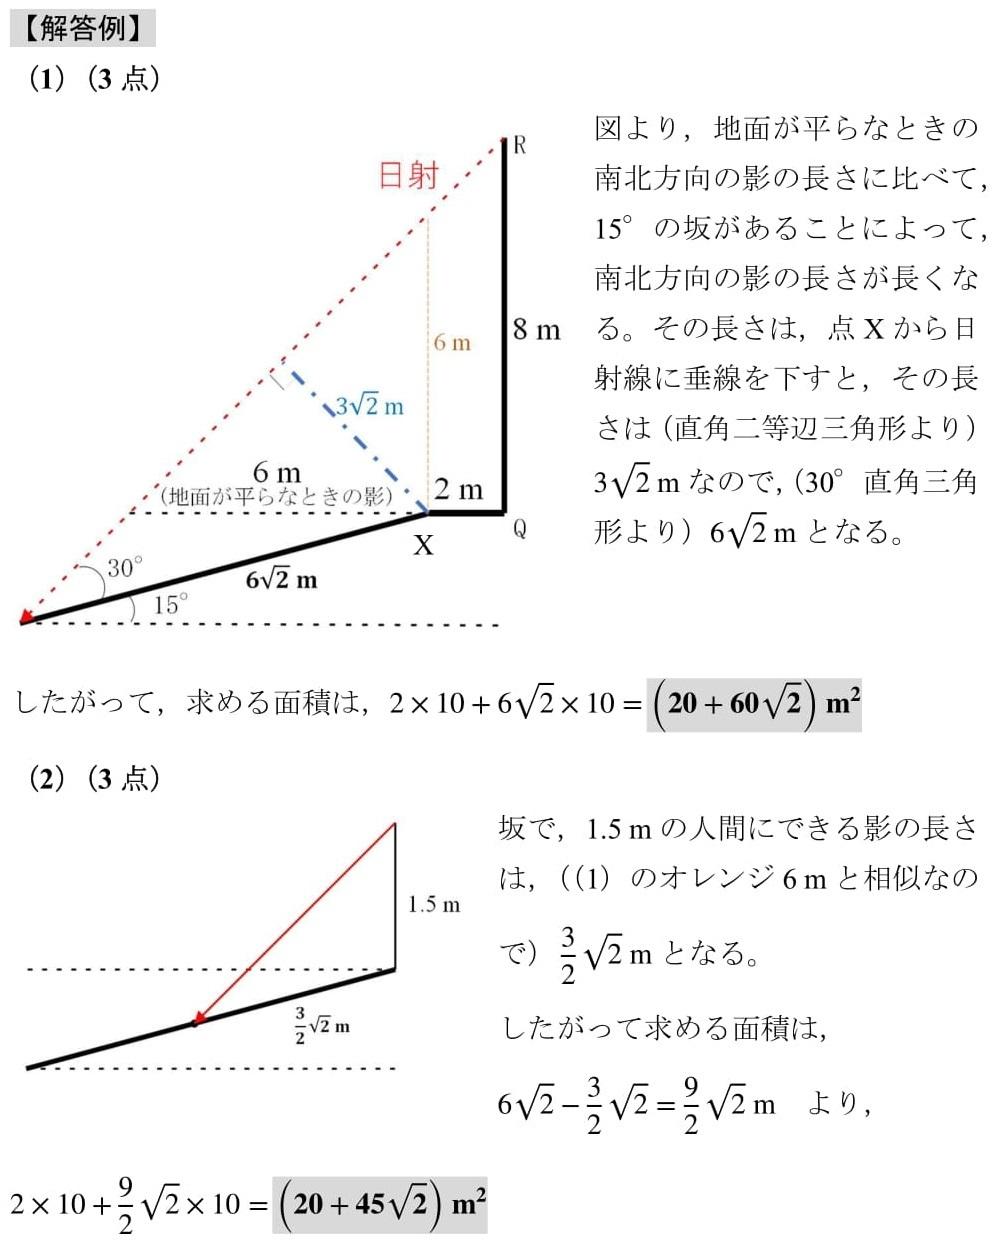 nichidai_kage2-3.jpg